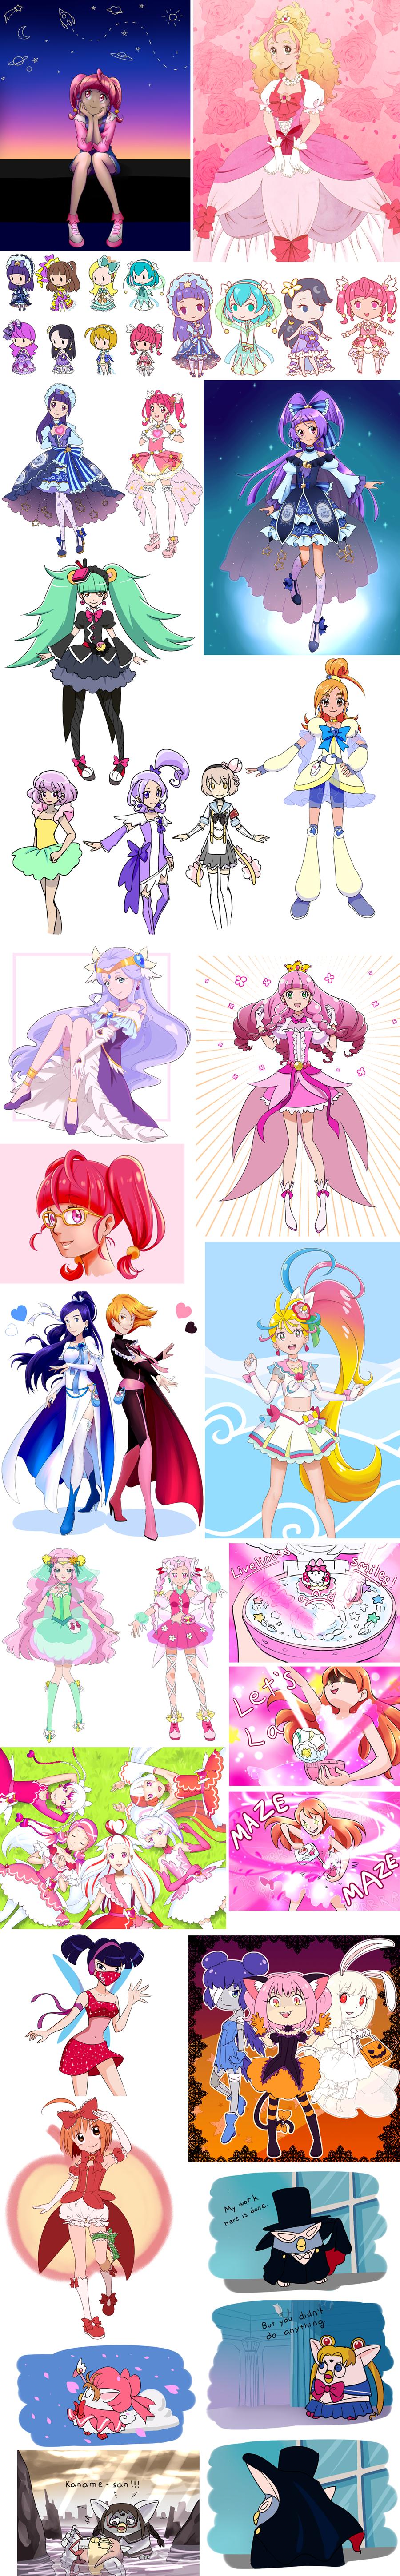 Magical Girl Art Dump 6